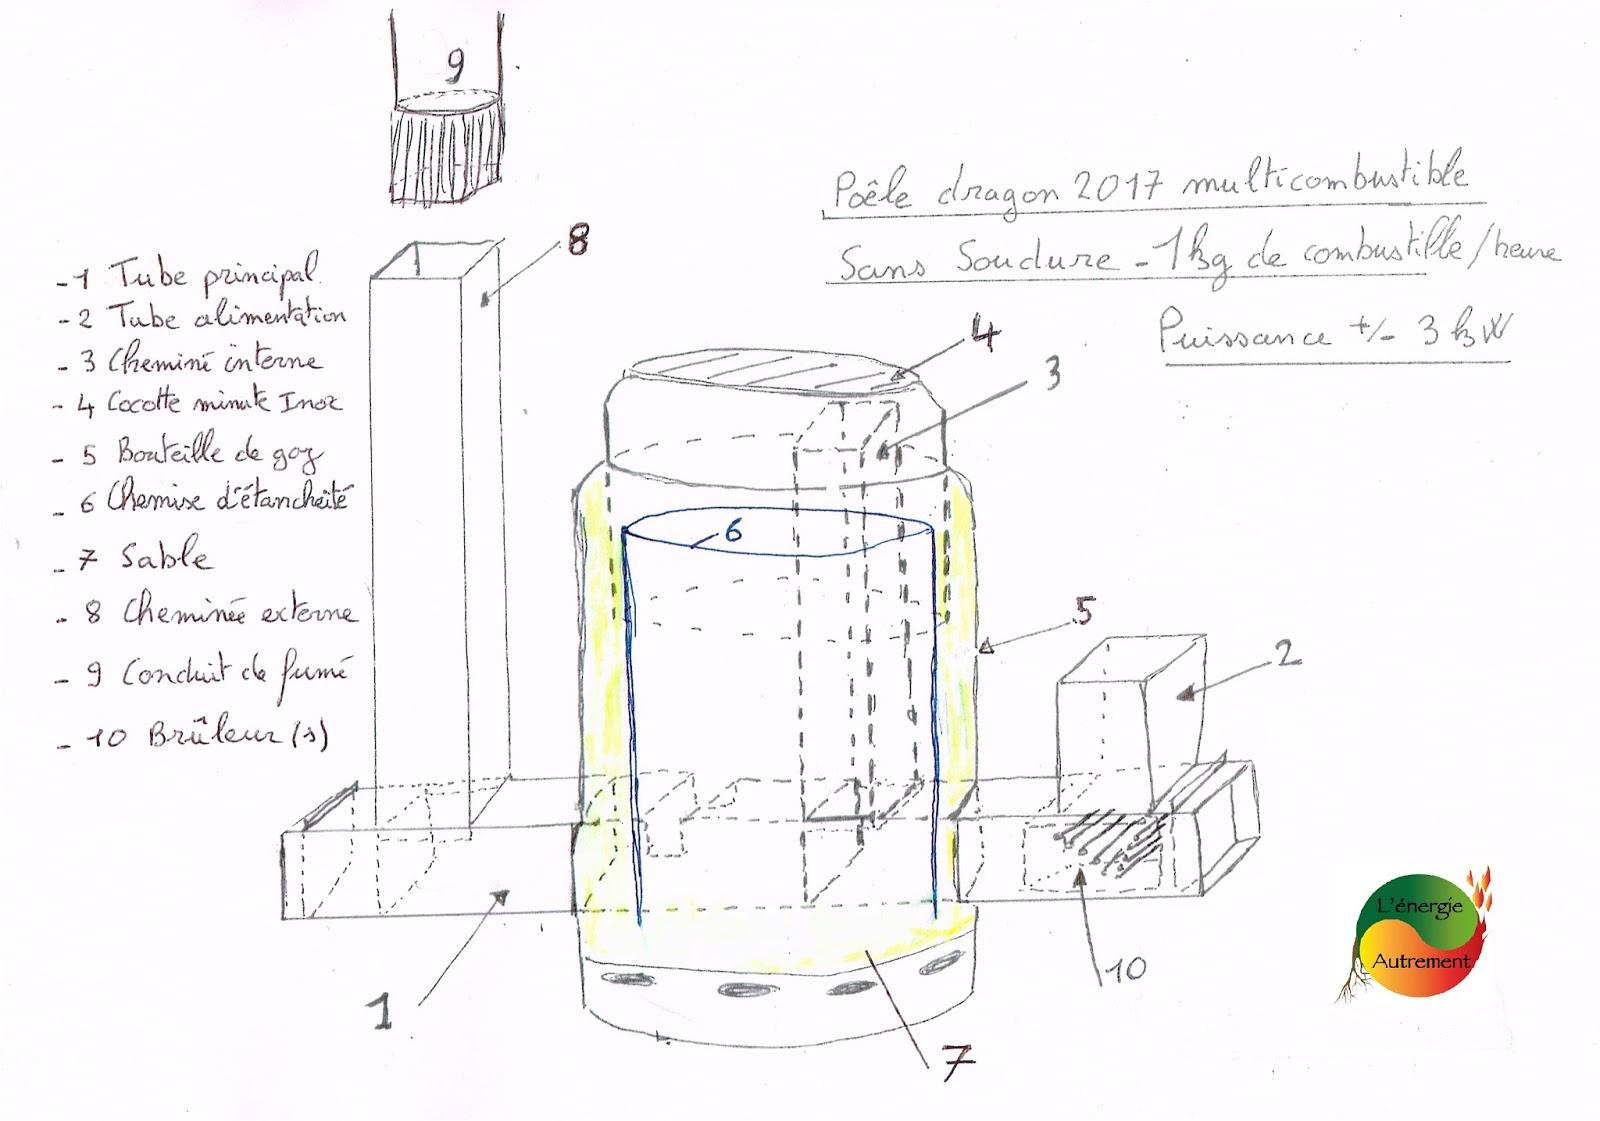 L 39 energie autrement plan ep16 rocket stove for Rocket stove design plans